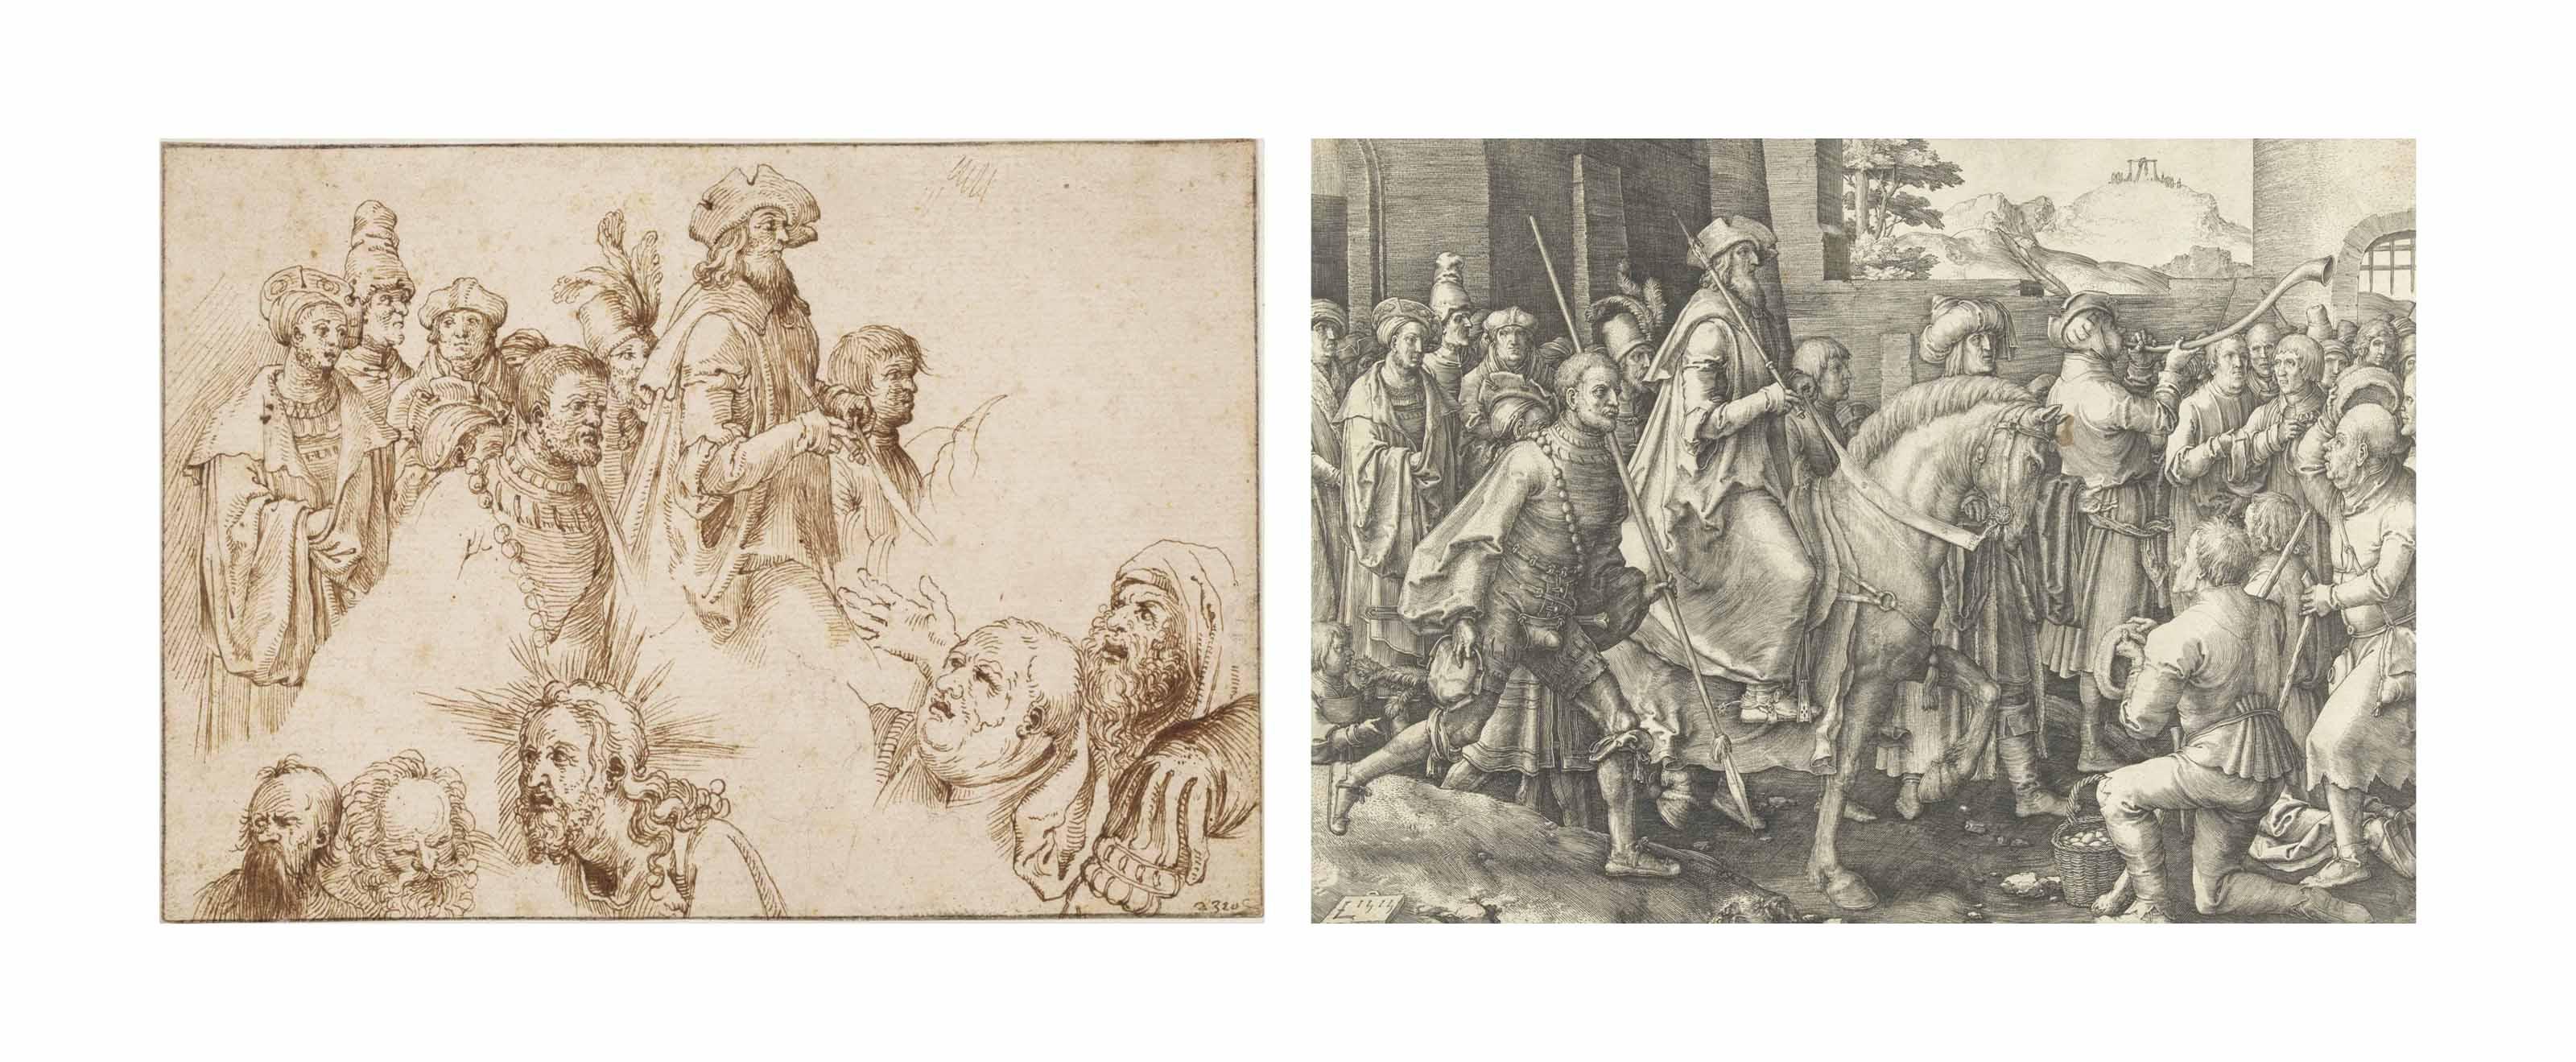 A sheet with studies after engravings by Lucas van Leyden and Albrecht Dürer